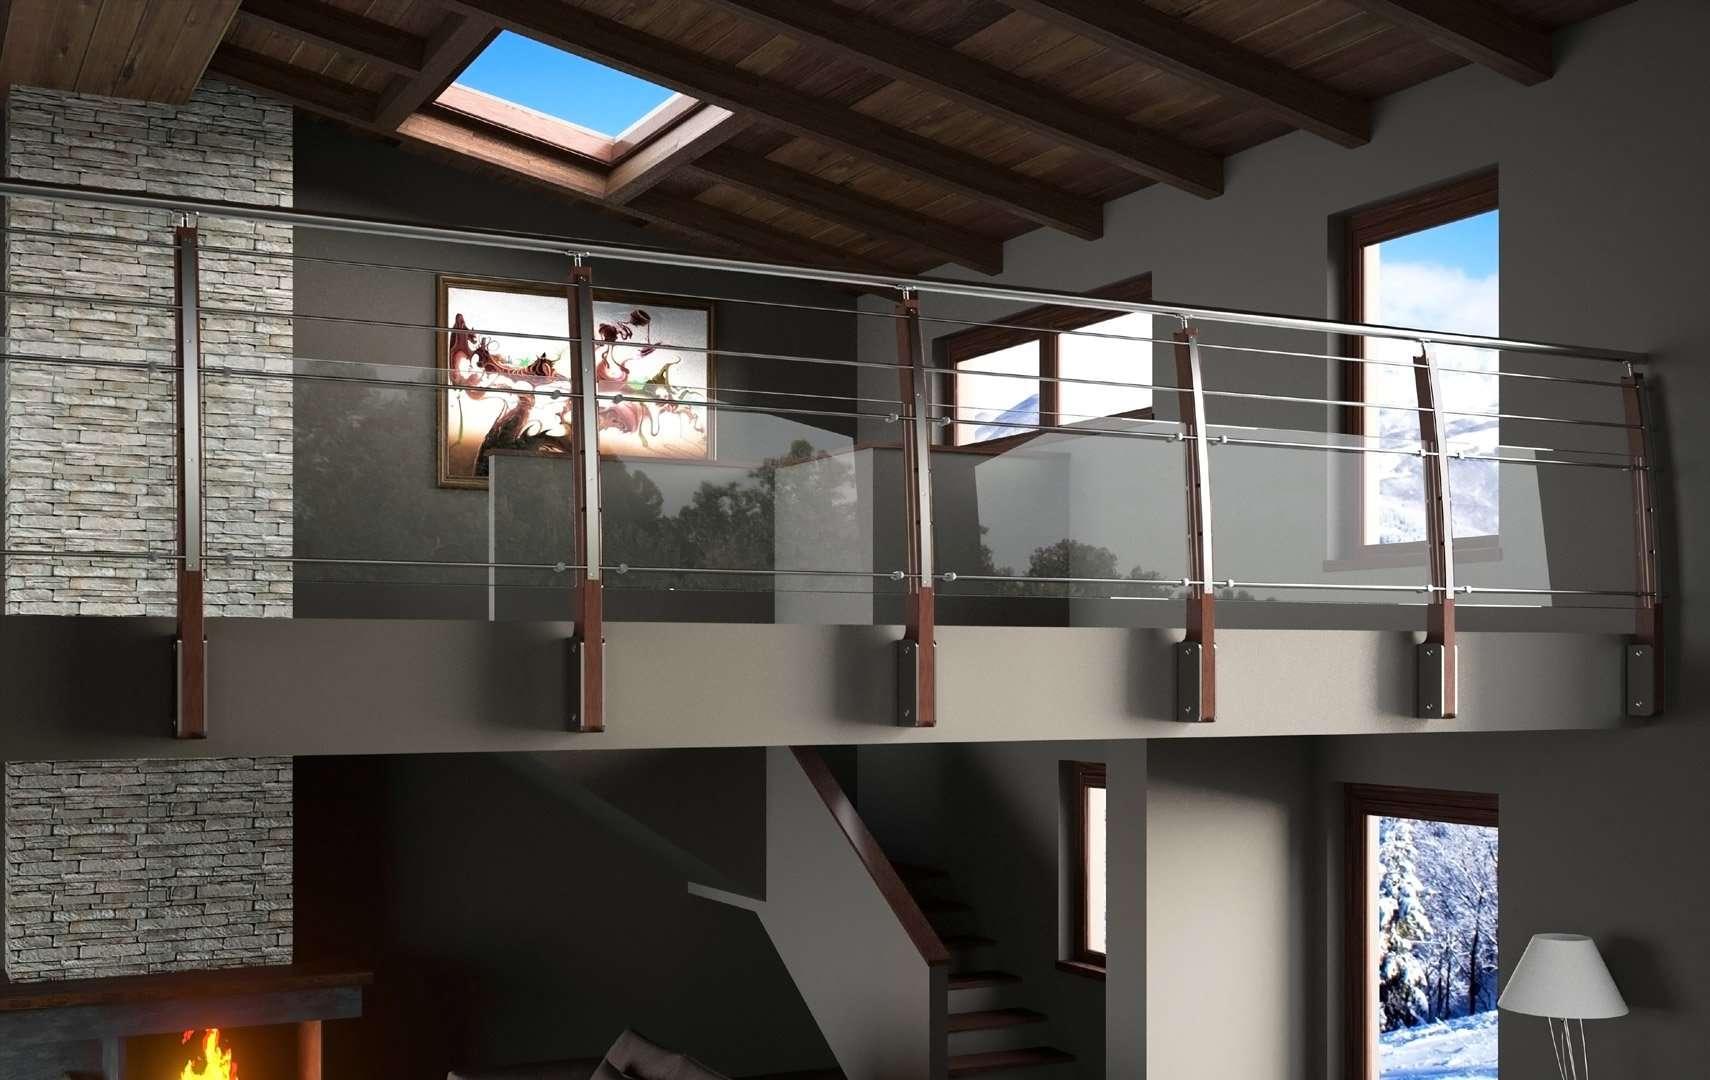 Arc 100 ringhiere per scale interne le puoi trovare in legno e in vetro - Ringhiere per interni ...